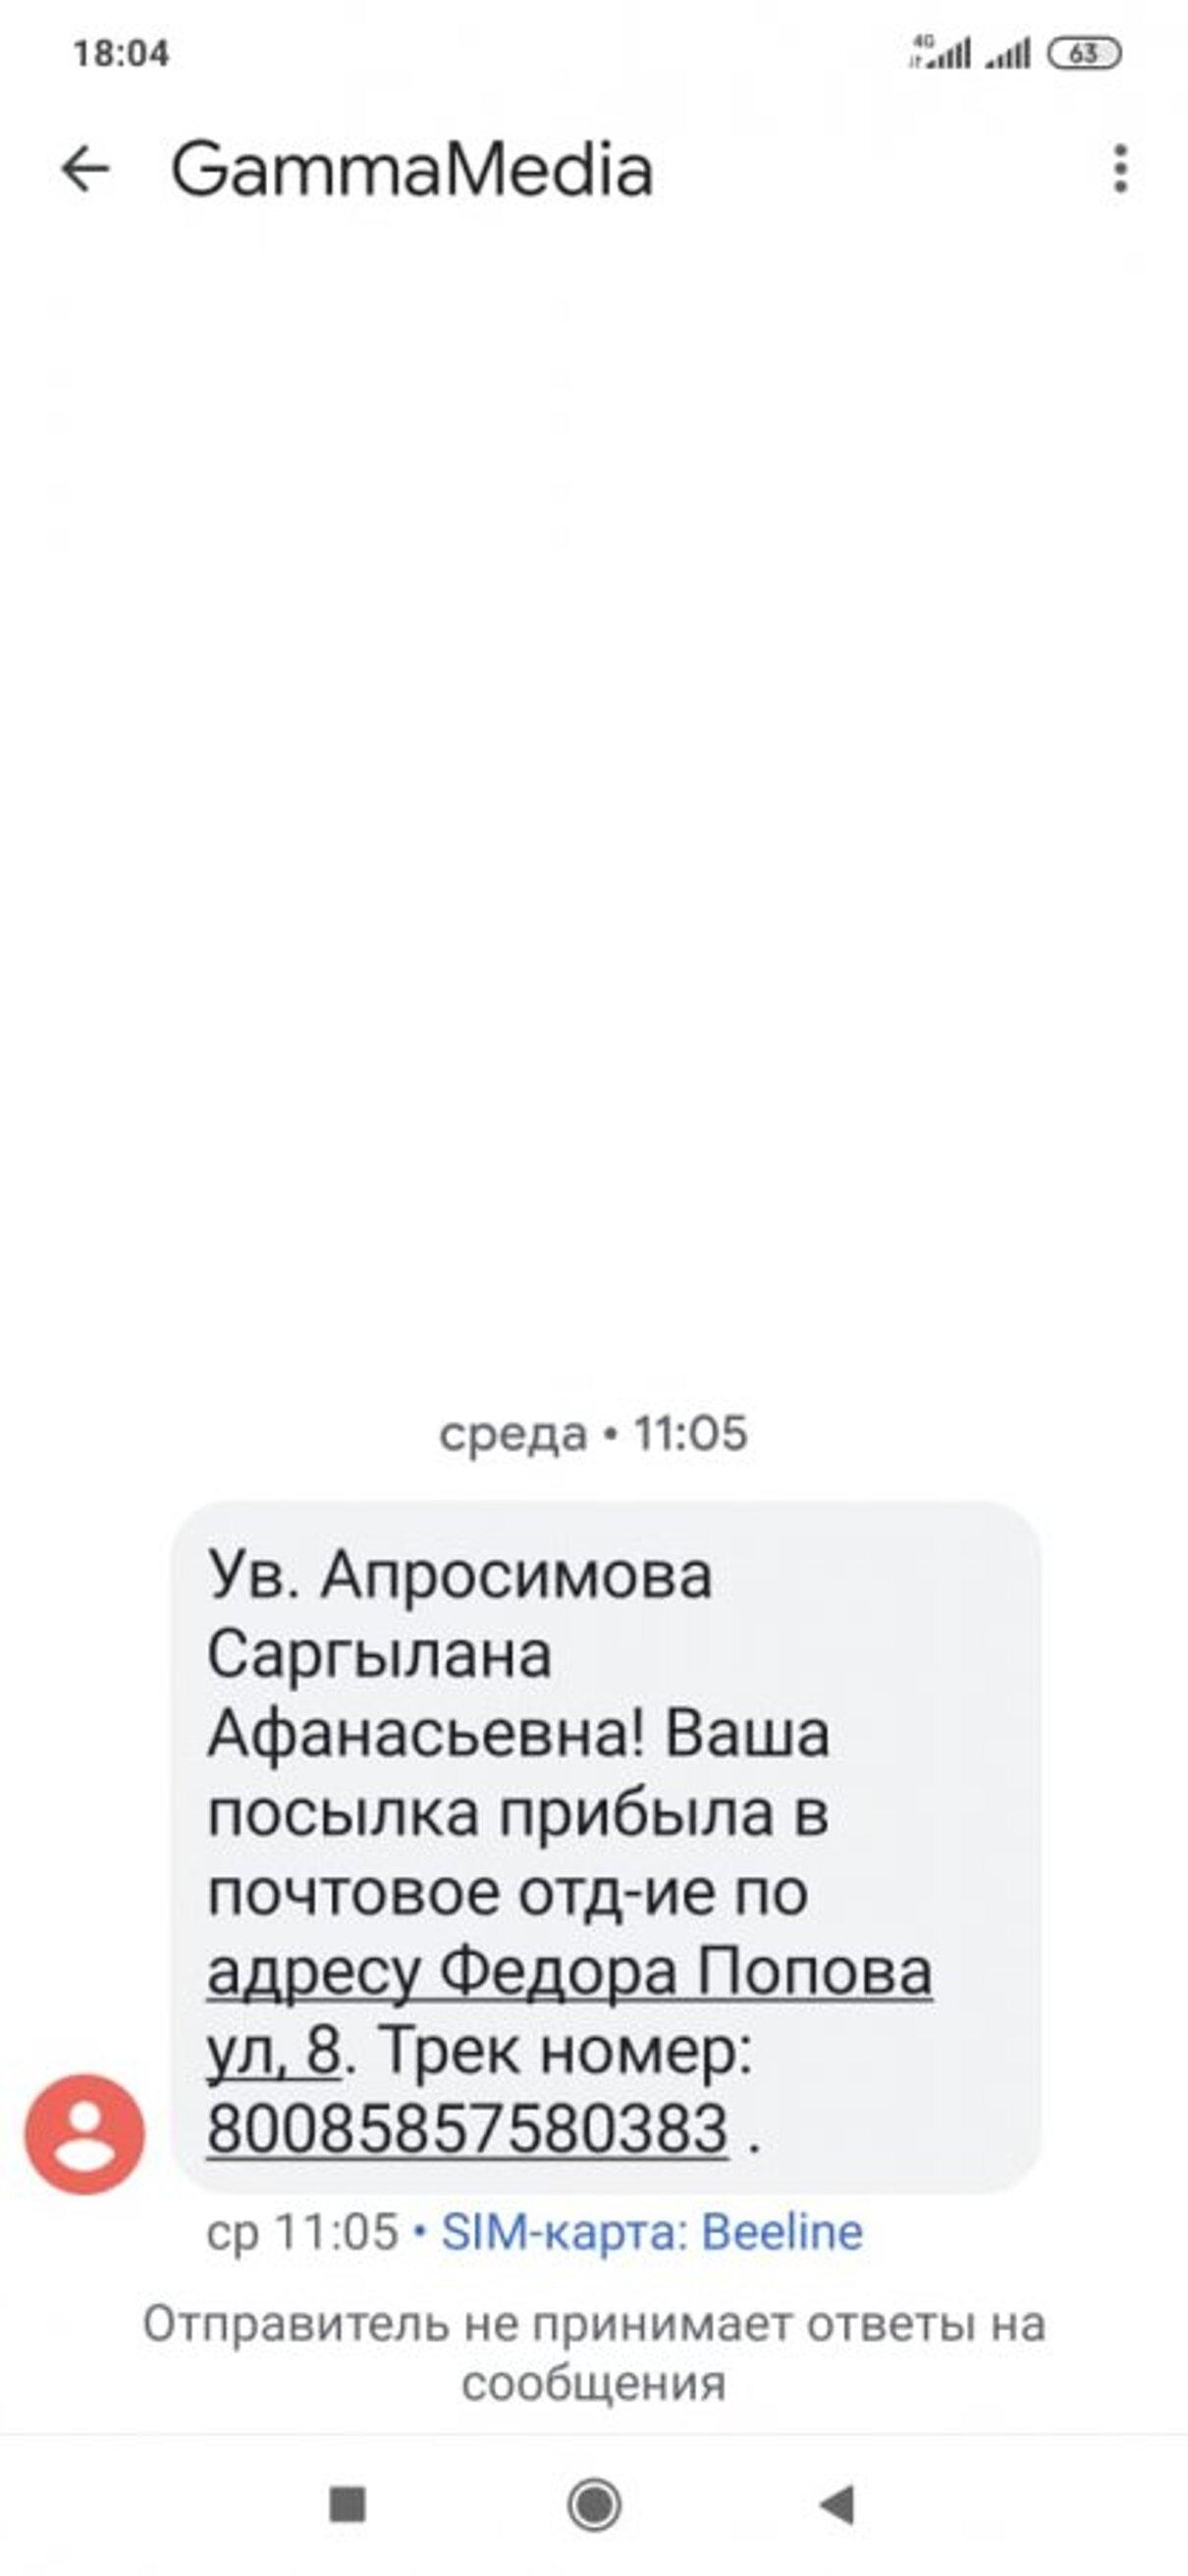 Жалоба-отзыв: ЗАО Сервис дистанционной торговли - Претензия - заявление.  Фото №3